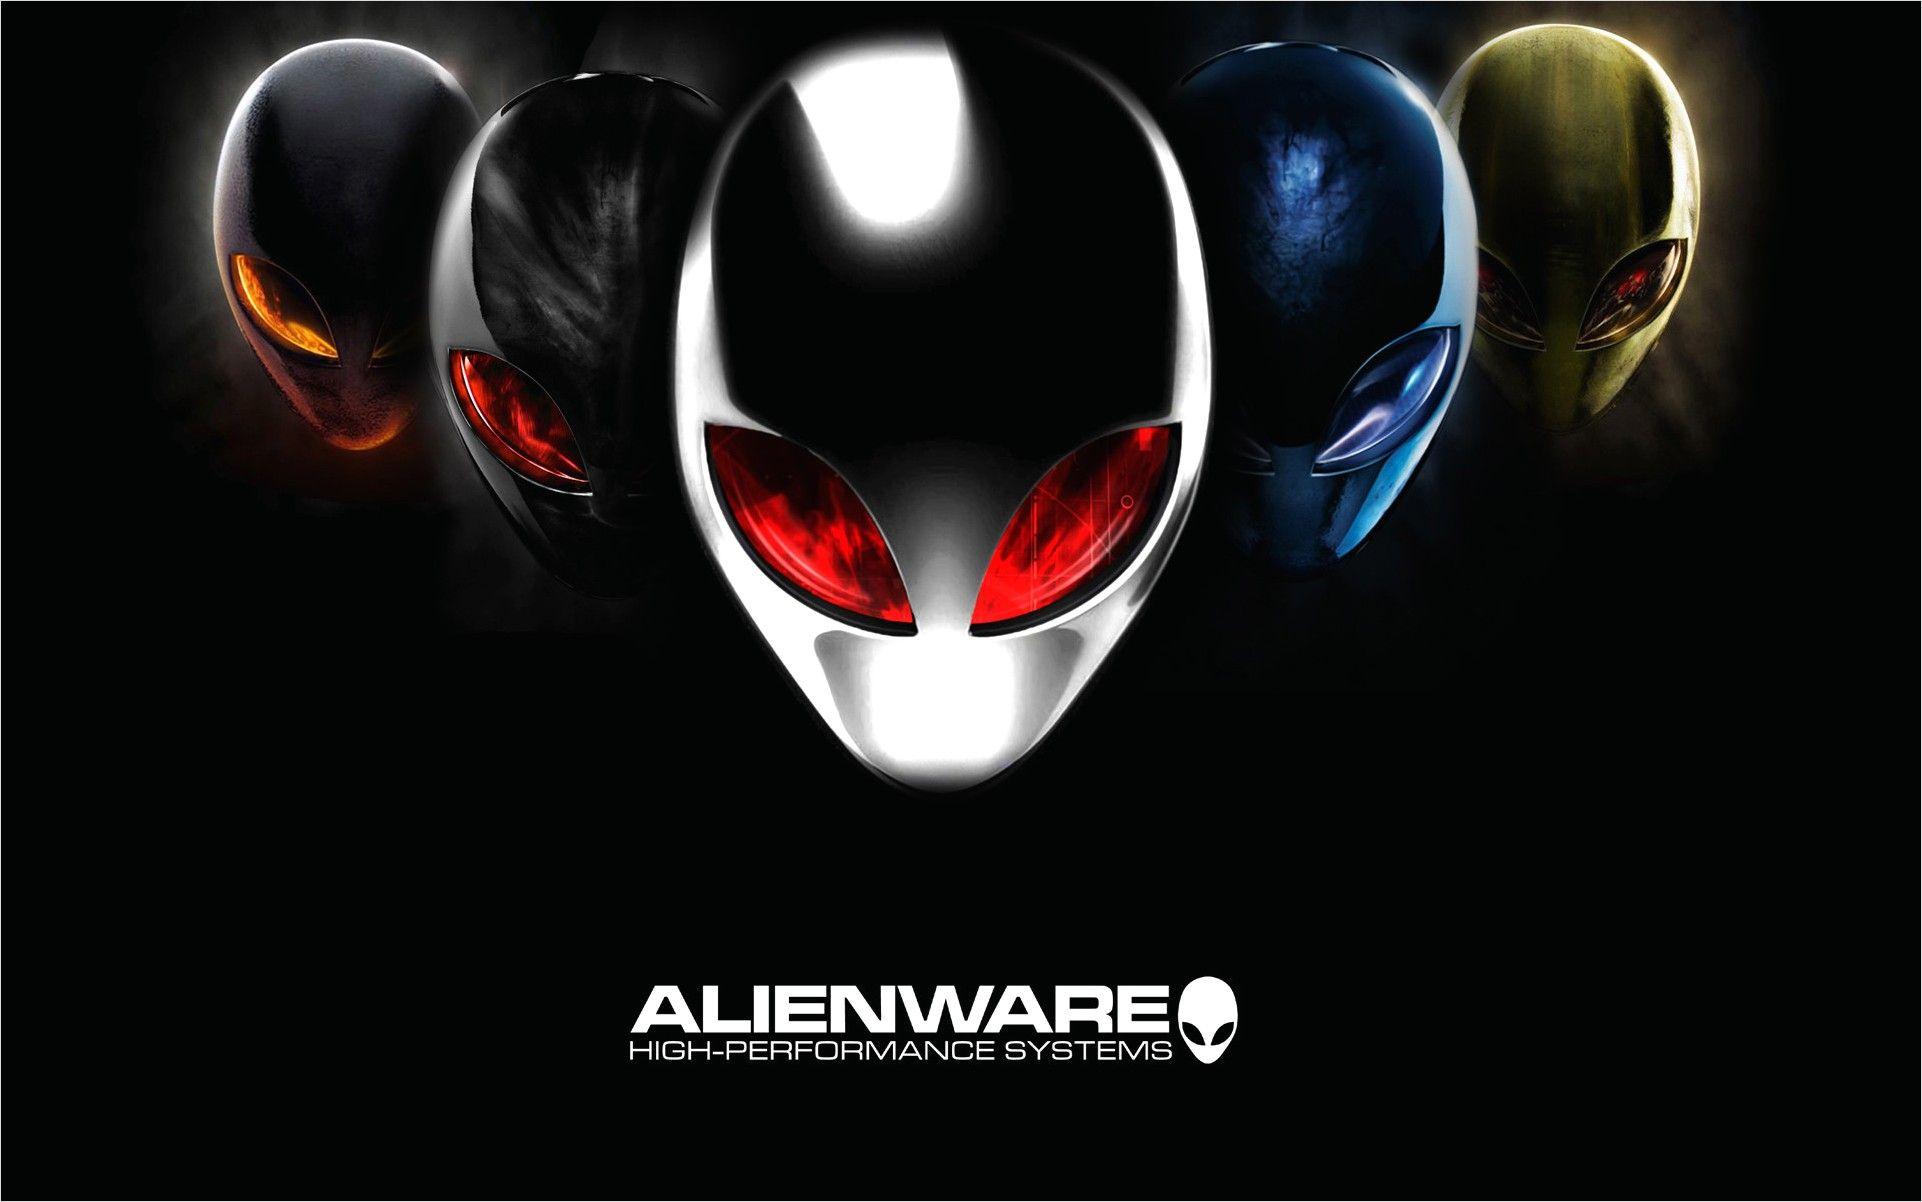 4k Alienware Wallpaper Triple in 2020 Alienware, Black